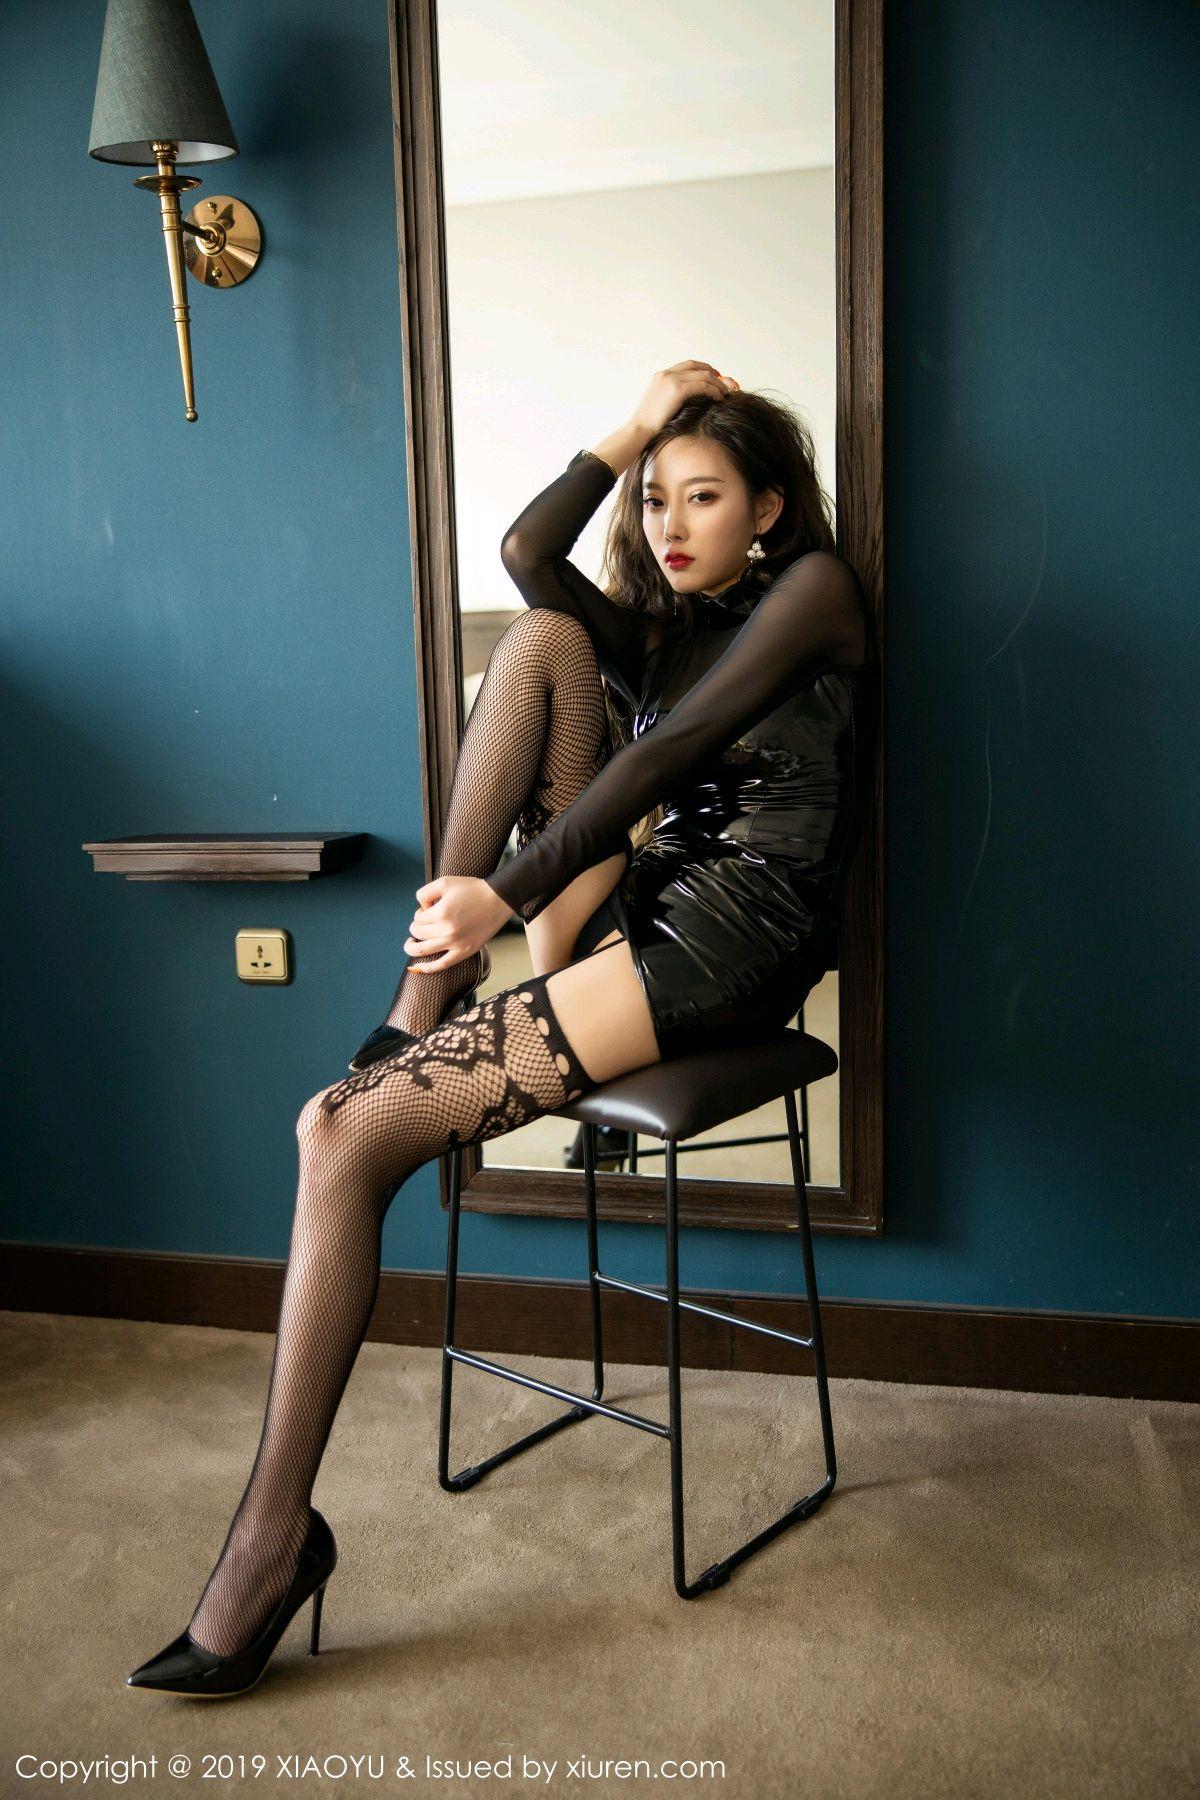 [XiaoYu] Vol.199 Yang Chen Chen 28P, Black Silk, Underwear, XiaoYu, Yang Chen Chen